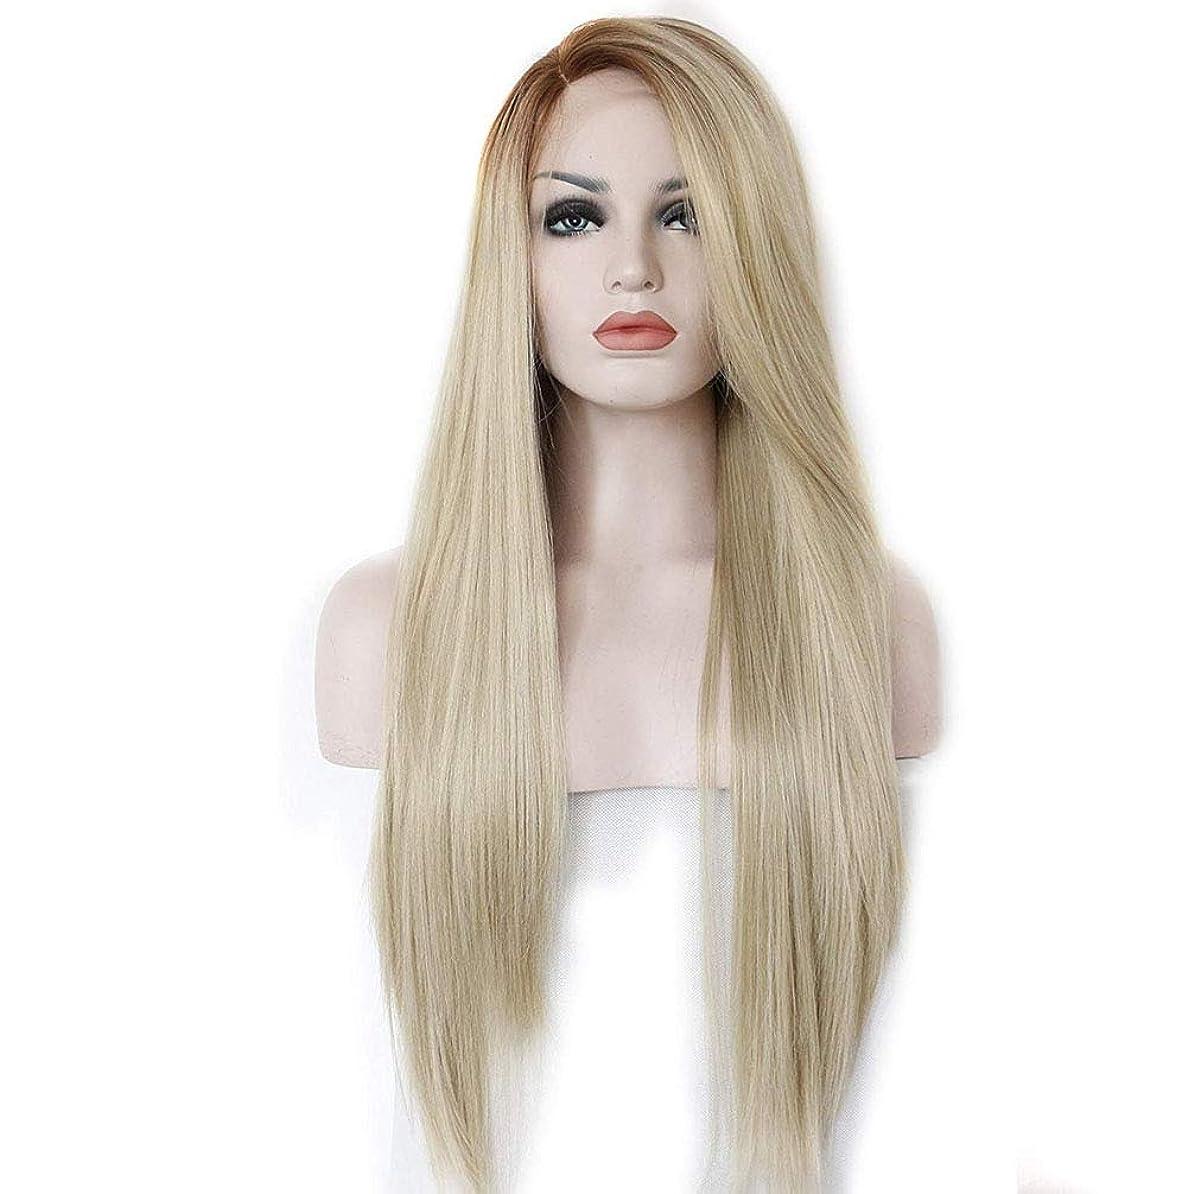 リル文庫本反響するウィッグ女性のブロンドサイドパーツ自然なロングストレートヘアピース合成レースフロントヒートセーフハーフハンド縛ら22インチ用女性